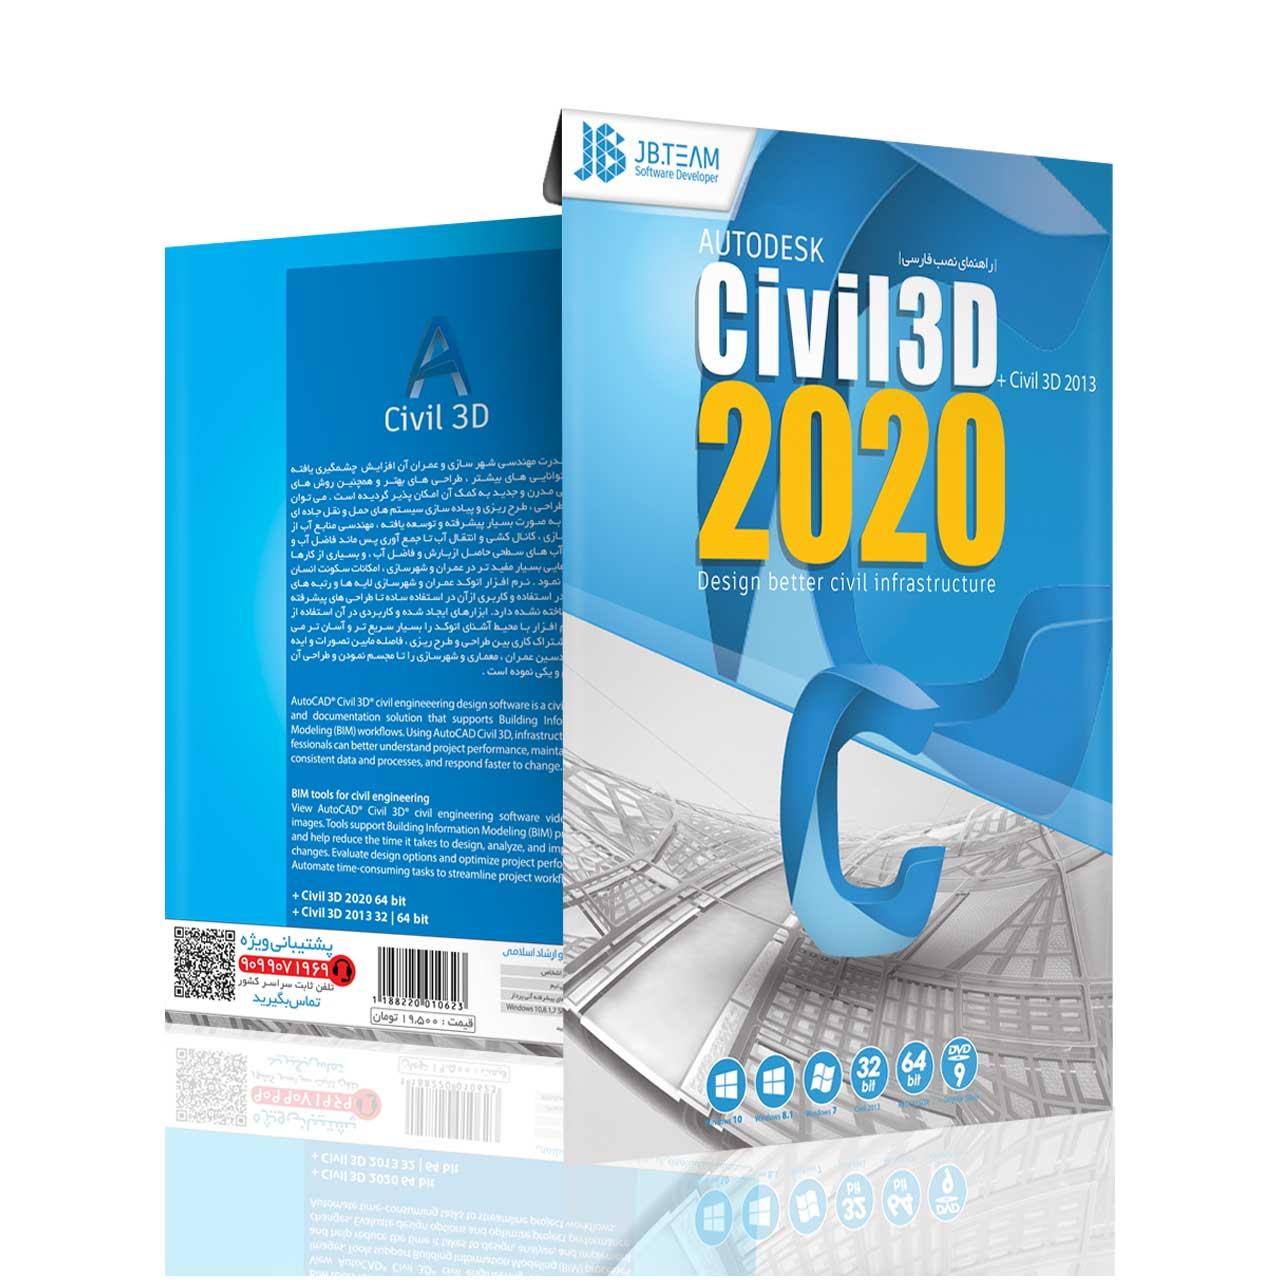 Autodesk Civil 3D 2020